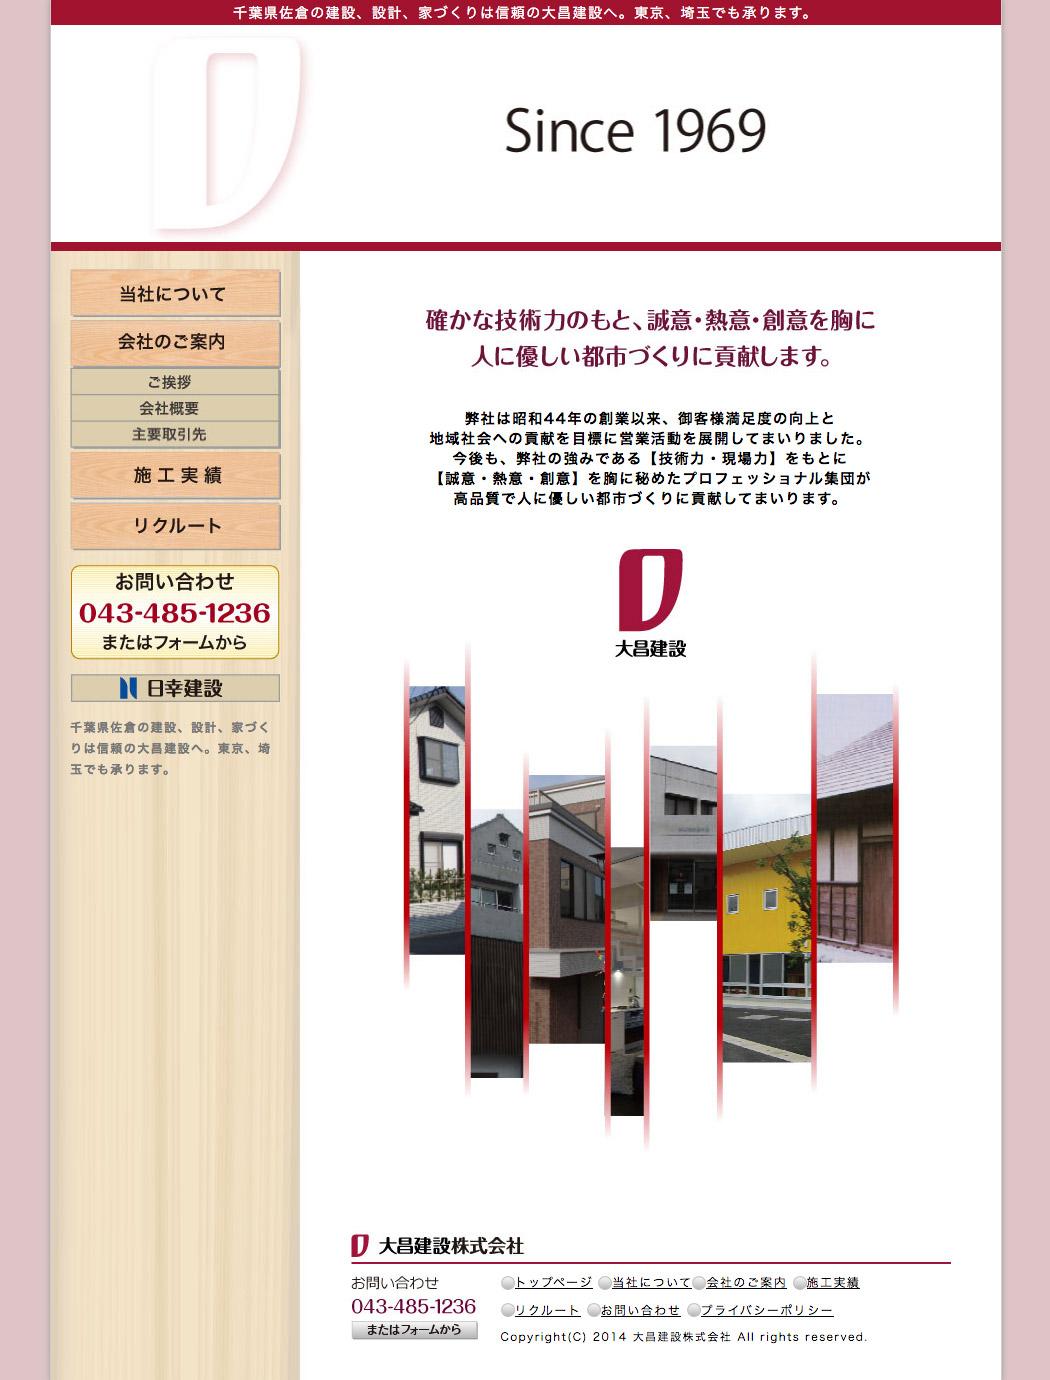 大昌建設株式会社様web1